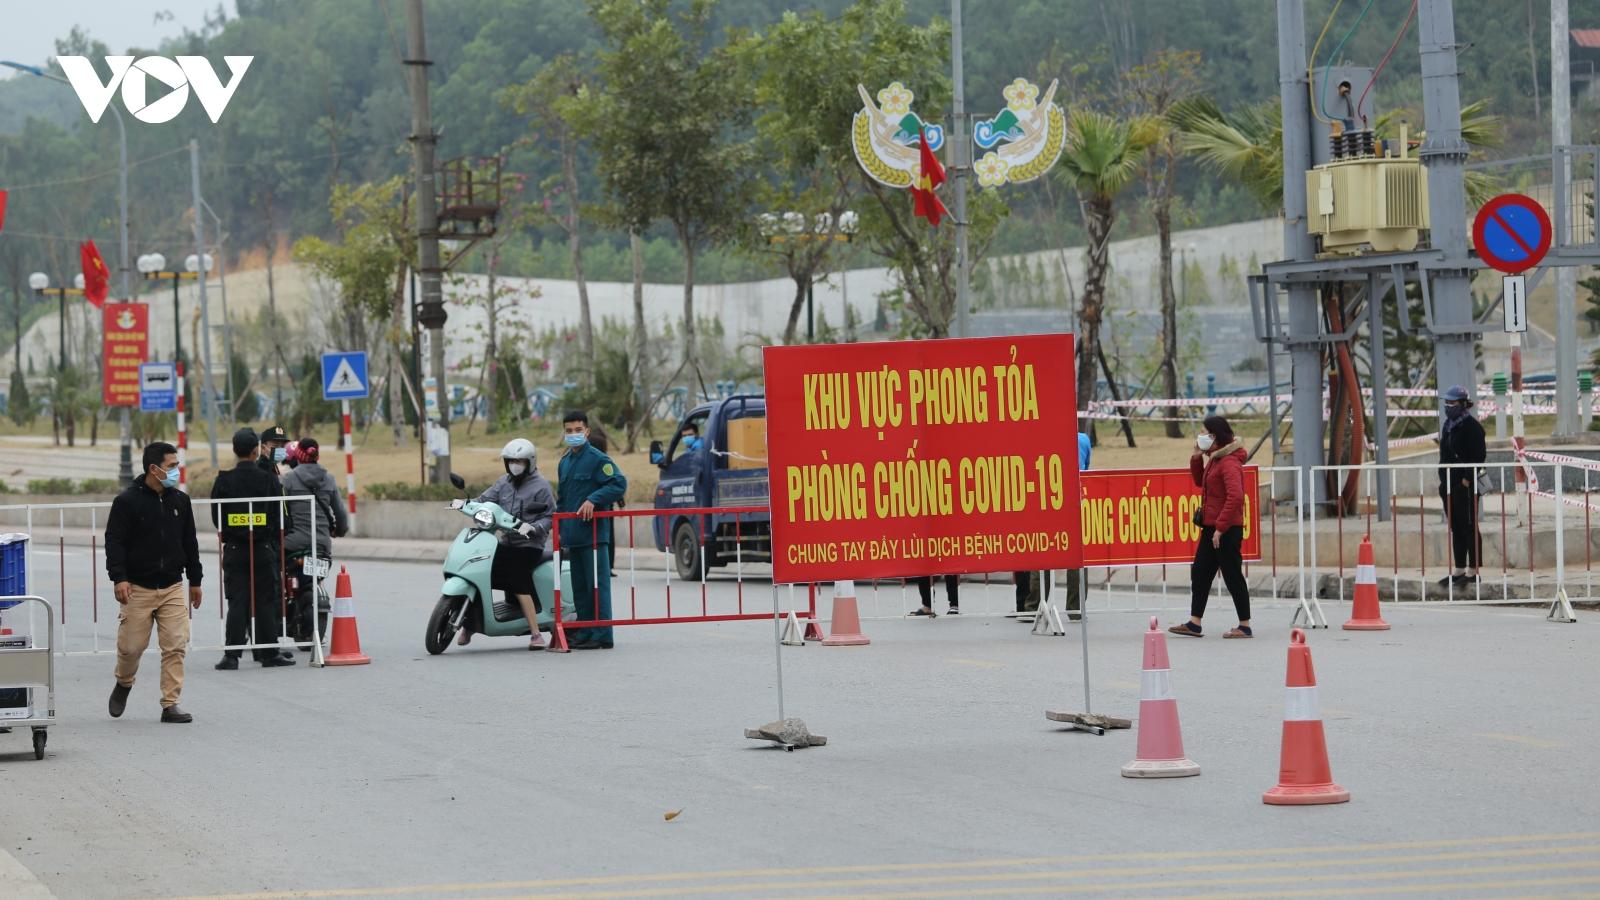 Quảng Ninh gỡ bỏ 2 chốt kiểm soát cuối cùng ở huyện Vân Đồn